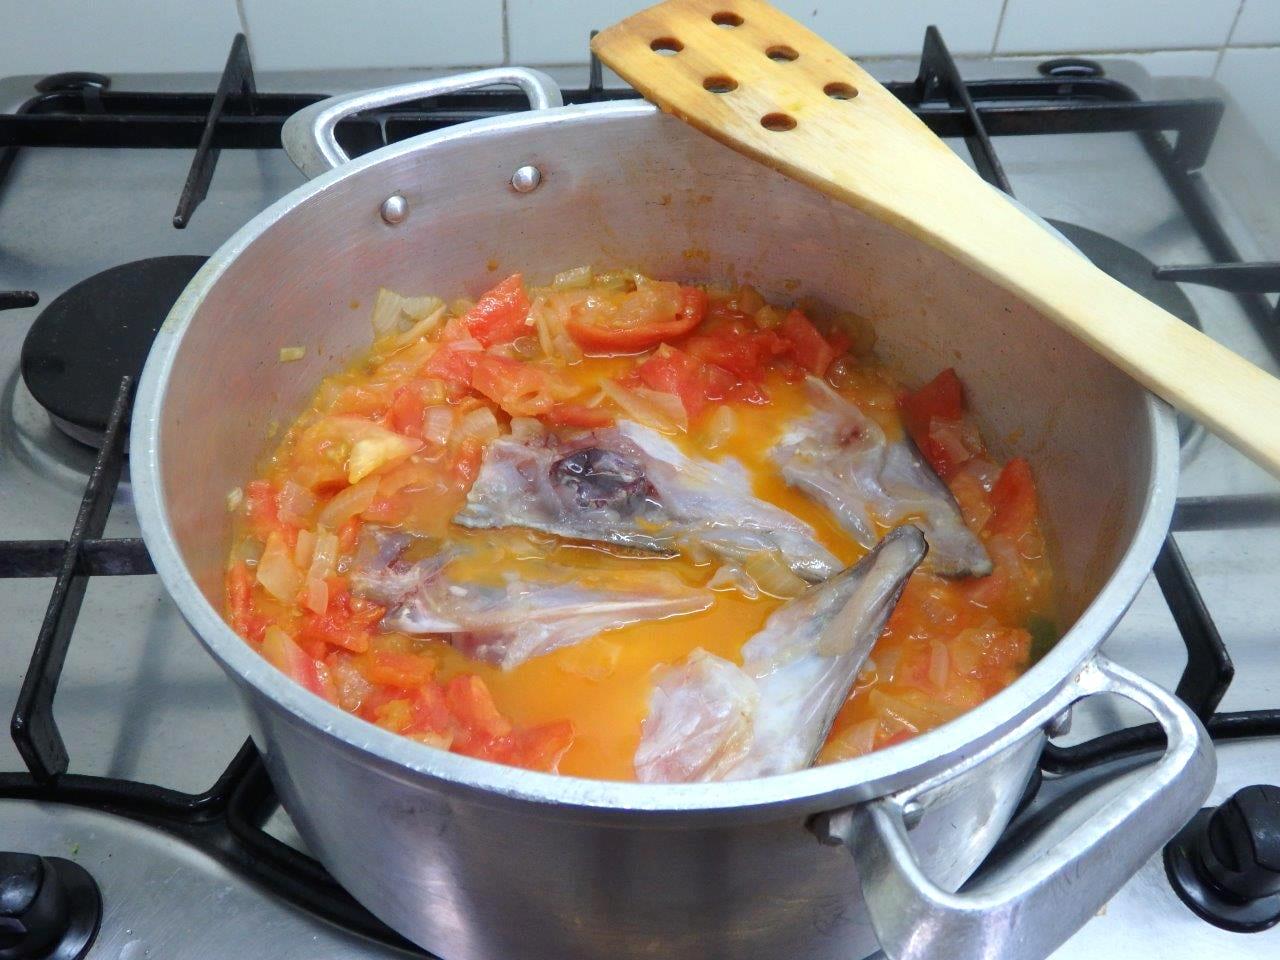 arroz de peixe galo Arroz de Peixe Galo Arroz de Peixe Galo 4